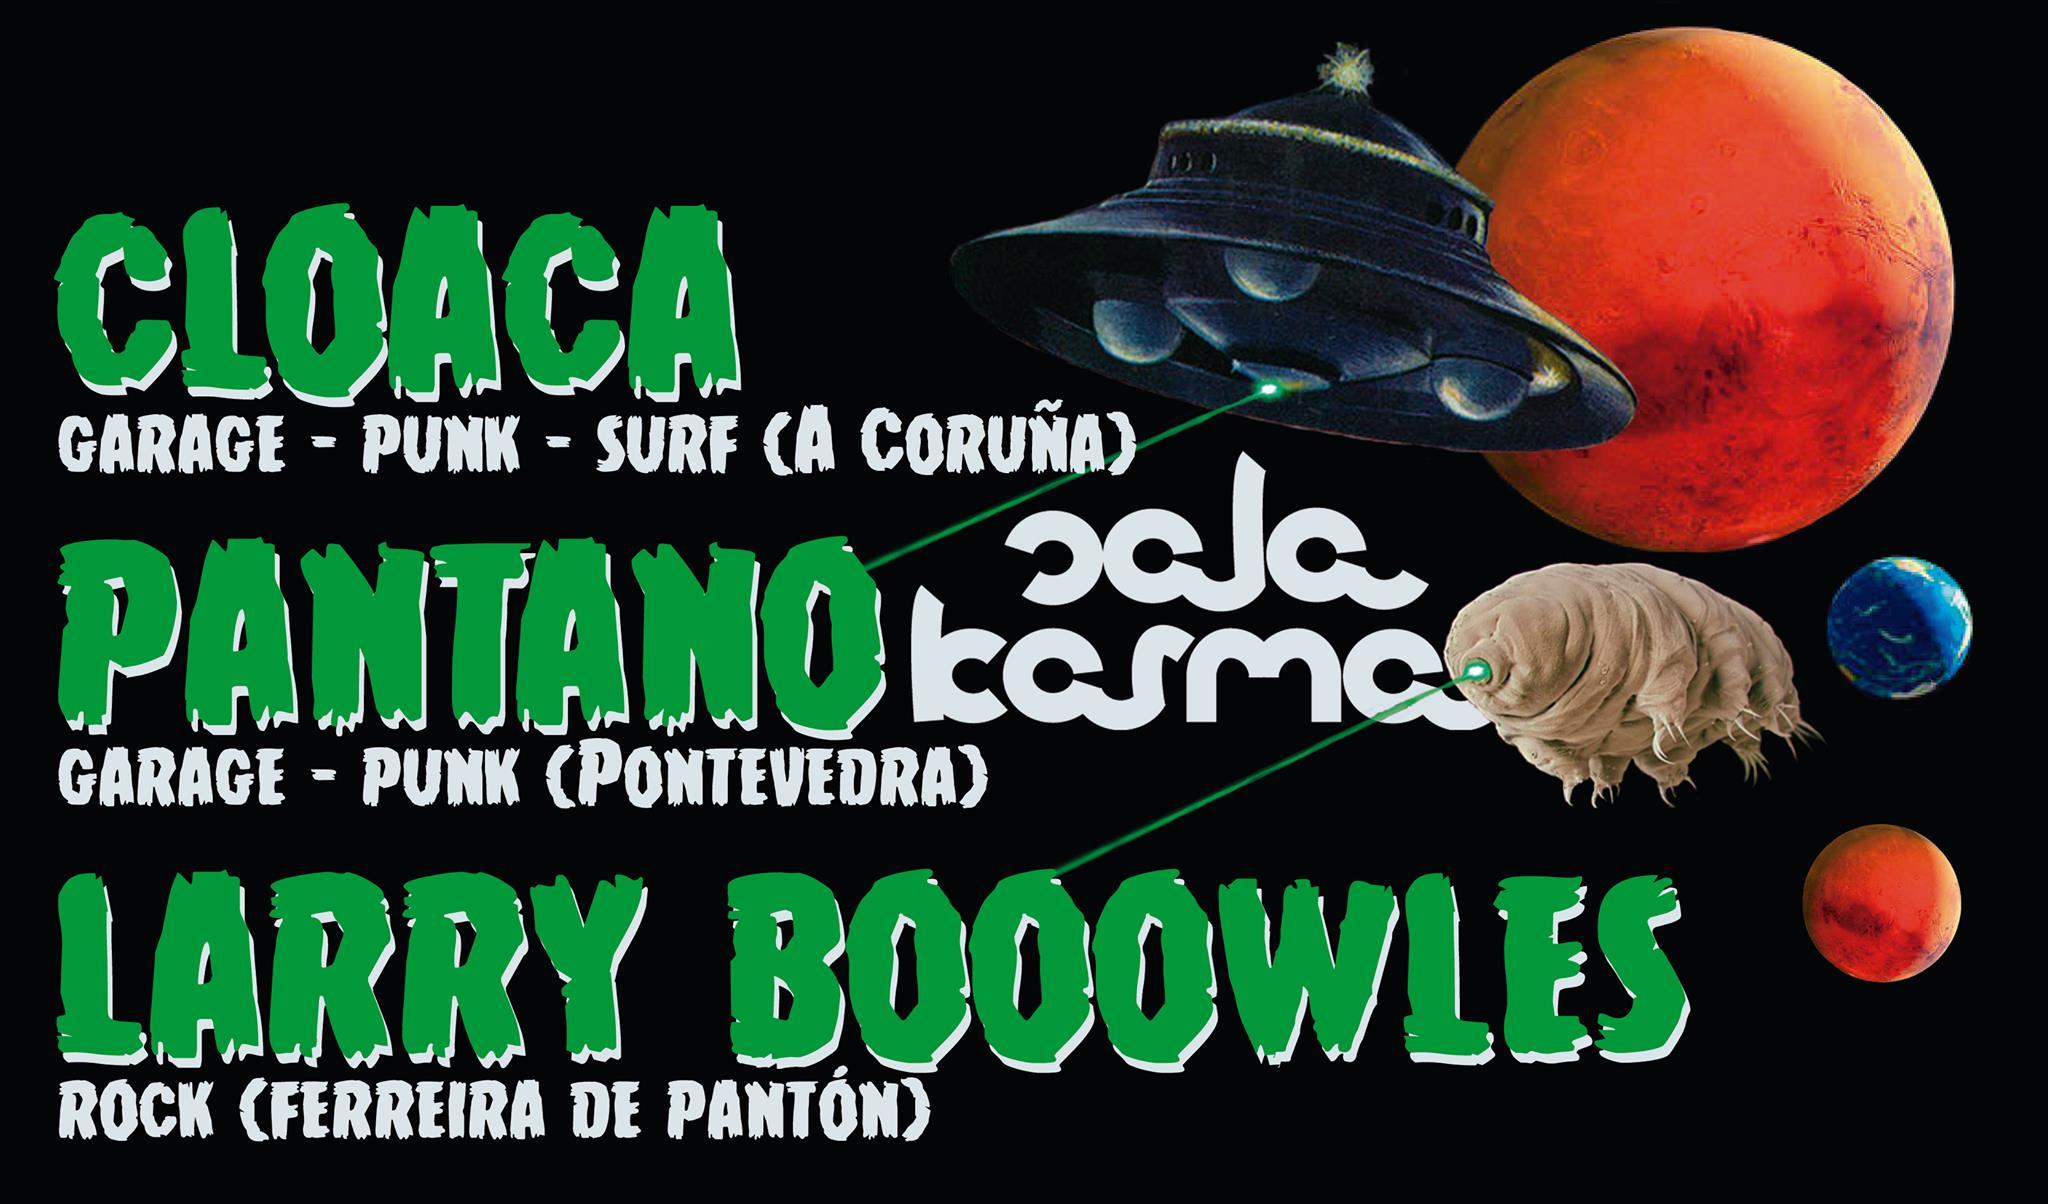 Cloaca, Pantano y Larry Booowles